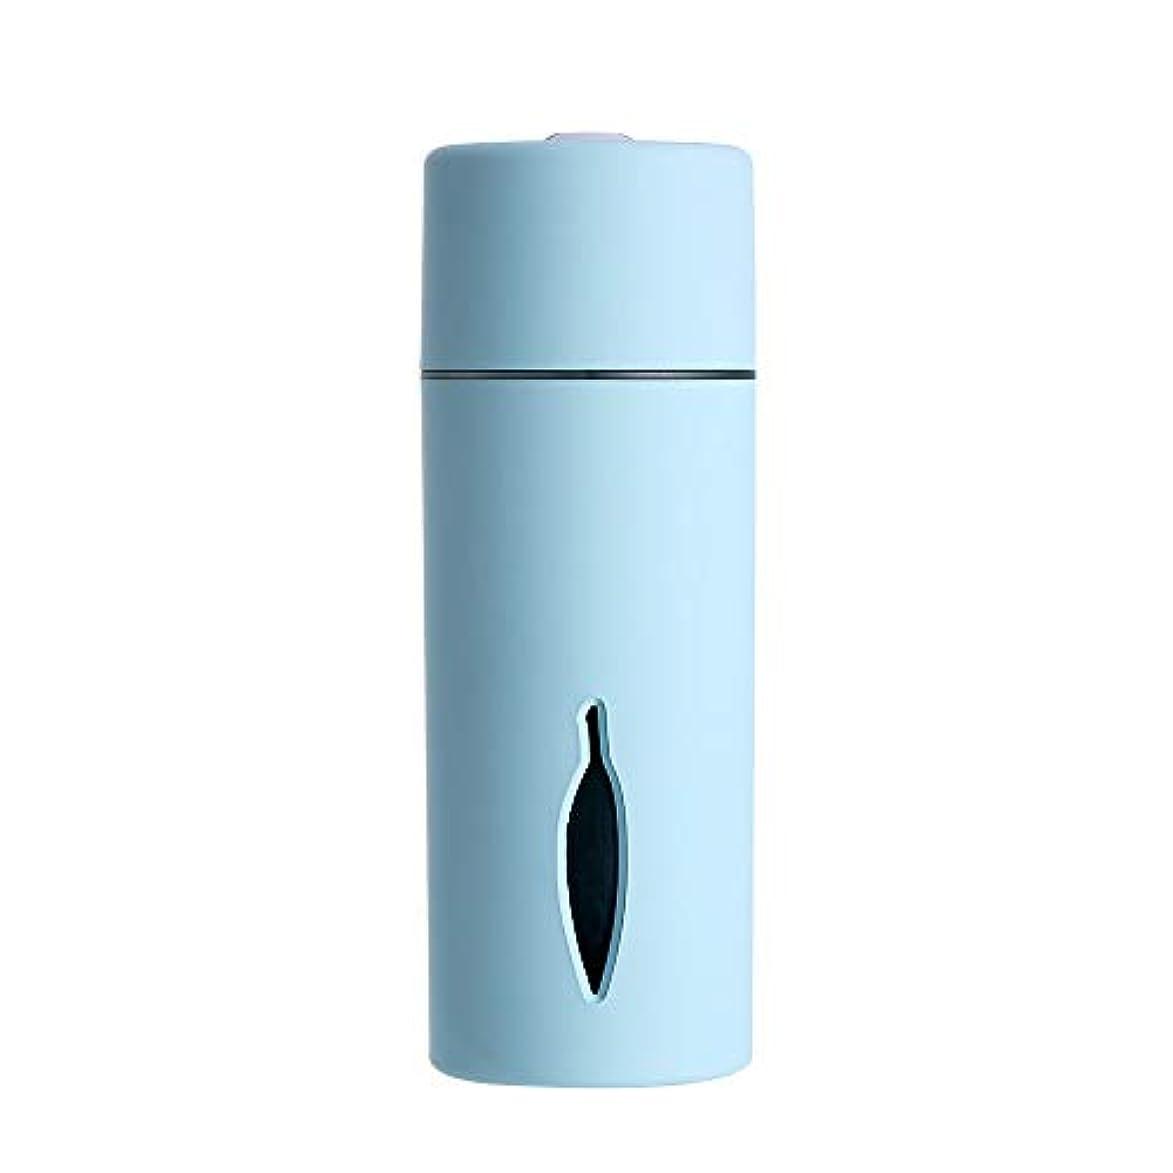 反発できればガイドZXF クリエイティブ新しいカラフルな夜の光の葉加湿器usb車のミニホームスプレー楽器水道メーターブルーセクションピンク 滑らかである (色 : Blue)